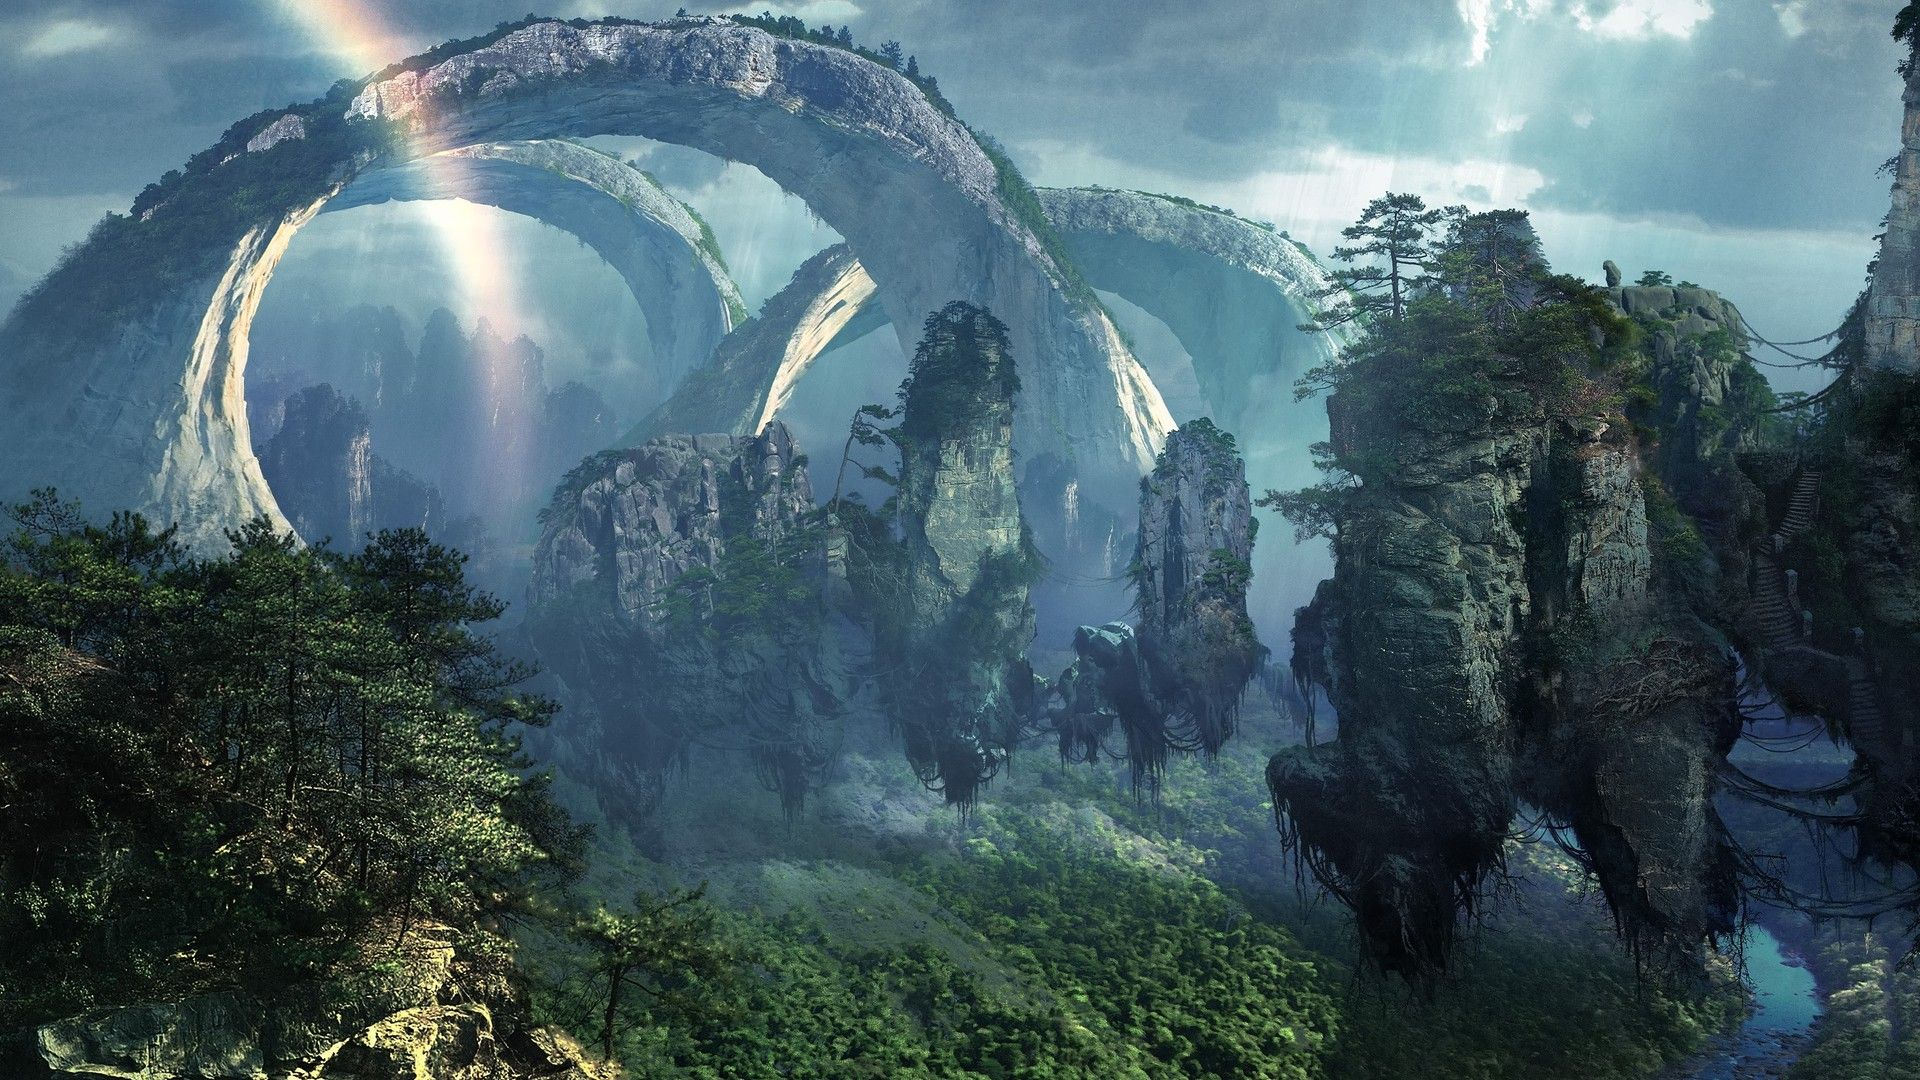 Hd Wallpaper Fantasy Fantasy Landscape Dream Landscape Screen